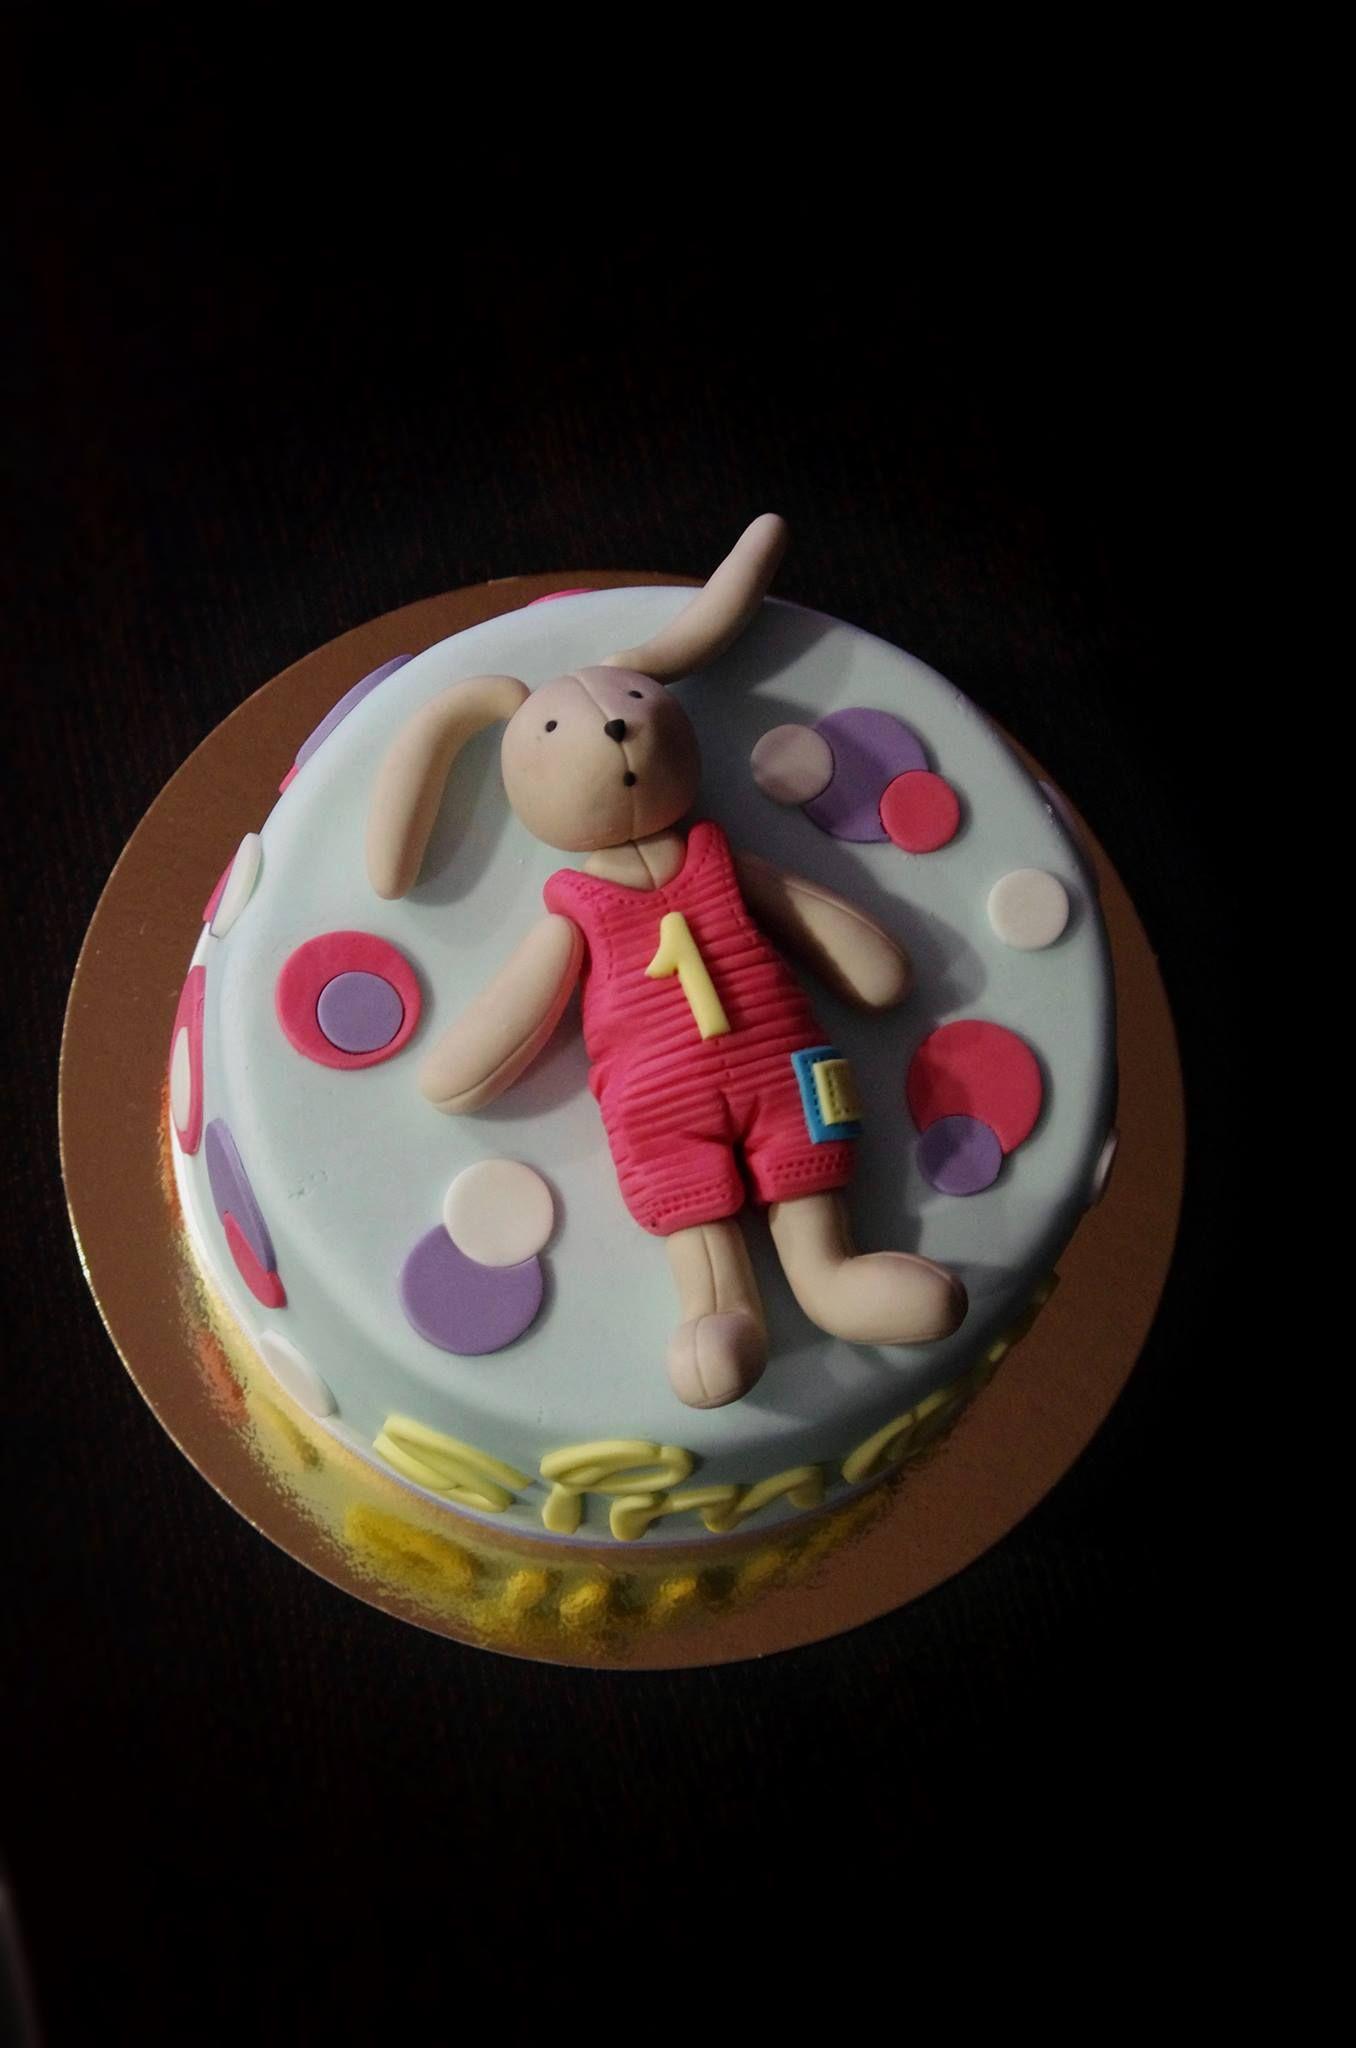 Un gâteau à l'effigie de notre lapin Sylvain Voici Sylvain le lapin… en gâteau d'anniversaire ! Il a été réalisé par un créateur pâtissier vendéen. Admirez !